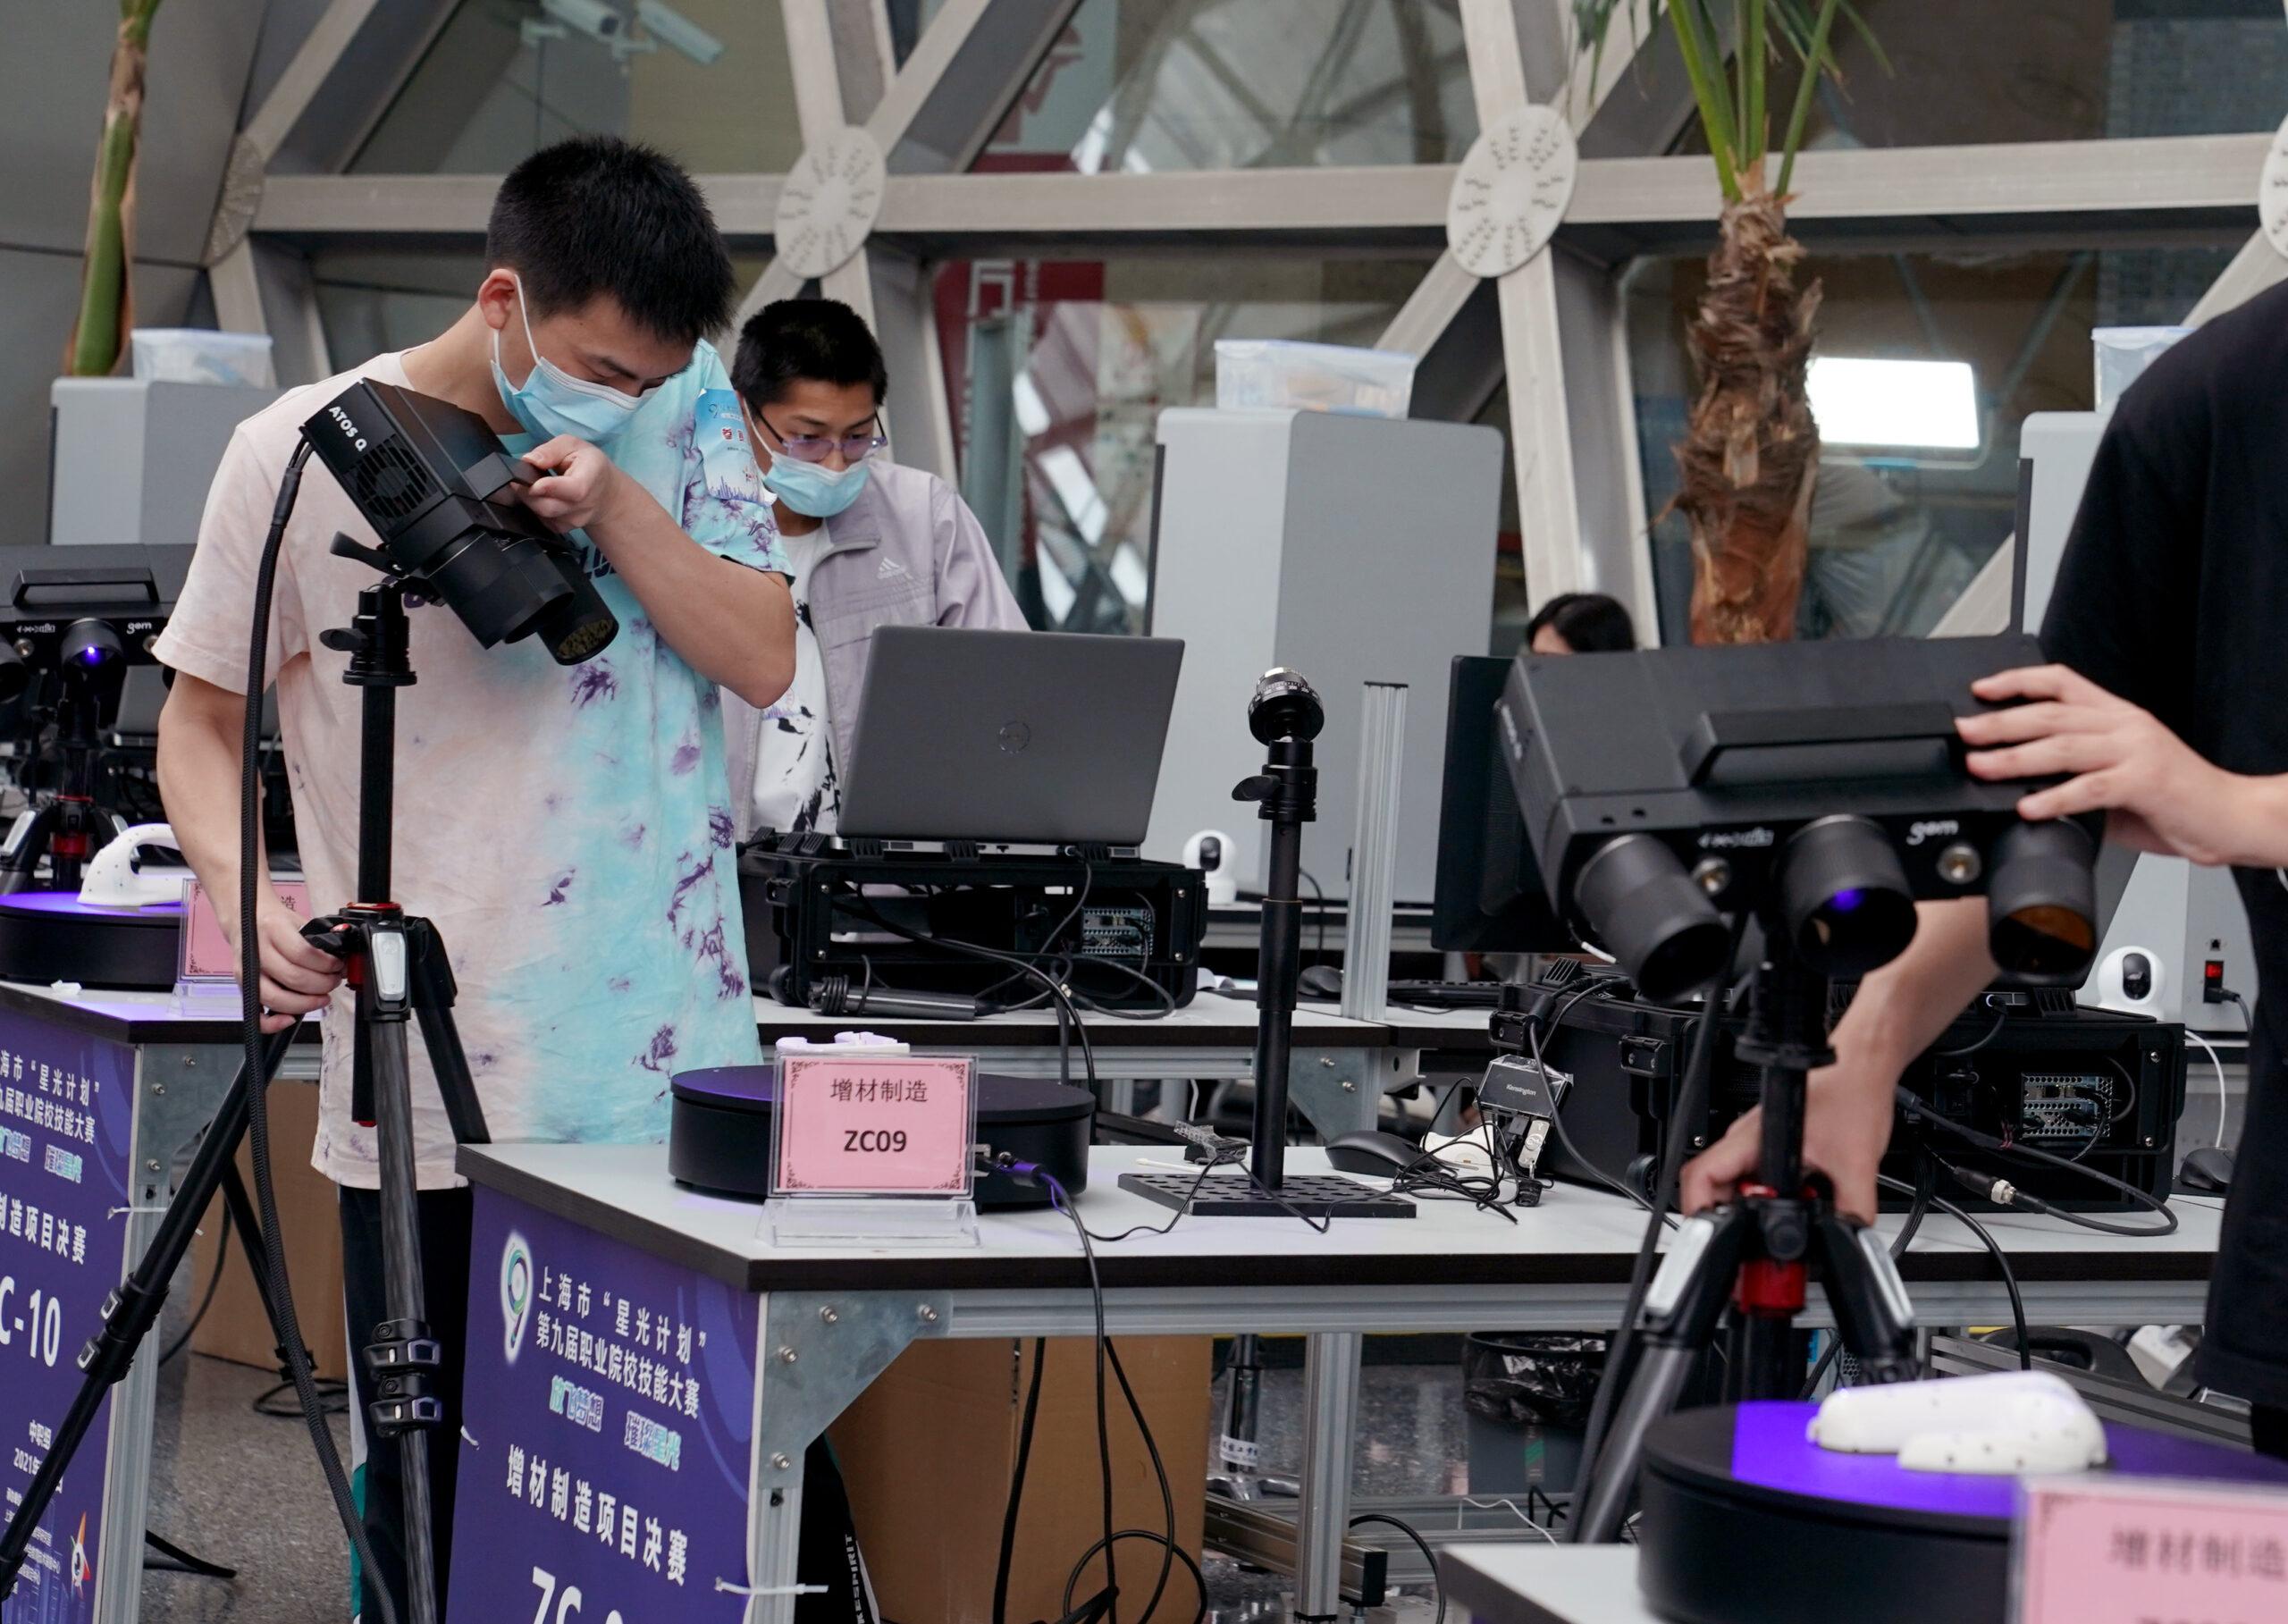 จีนเผยบัณฑิต 'อาชีวะขั้นสูง' 90% หางานได้ภายในครึ่งปีหลังจบ